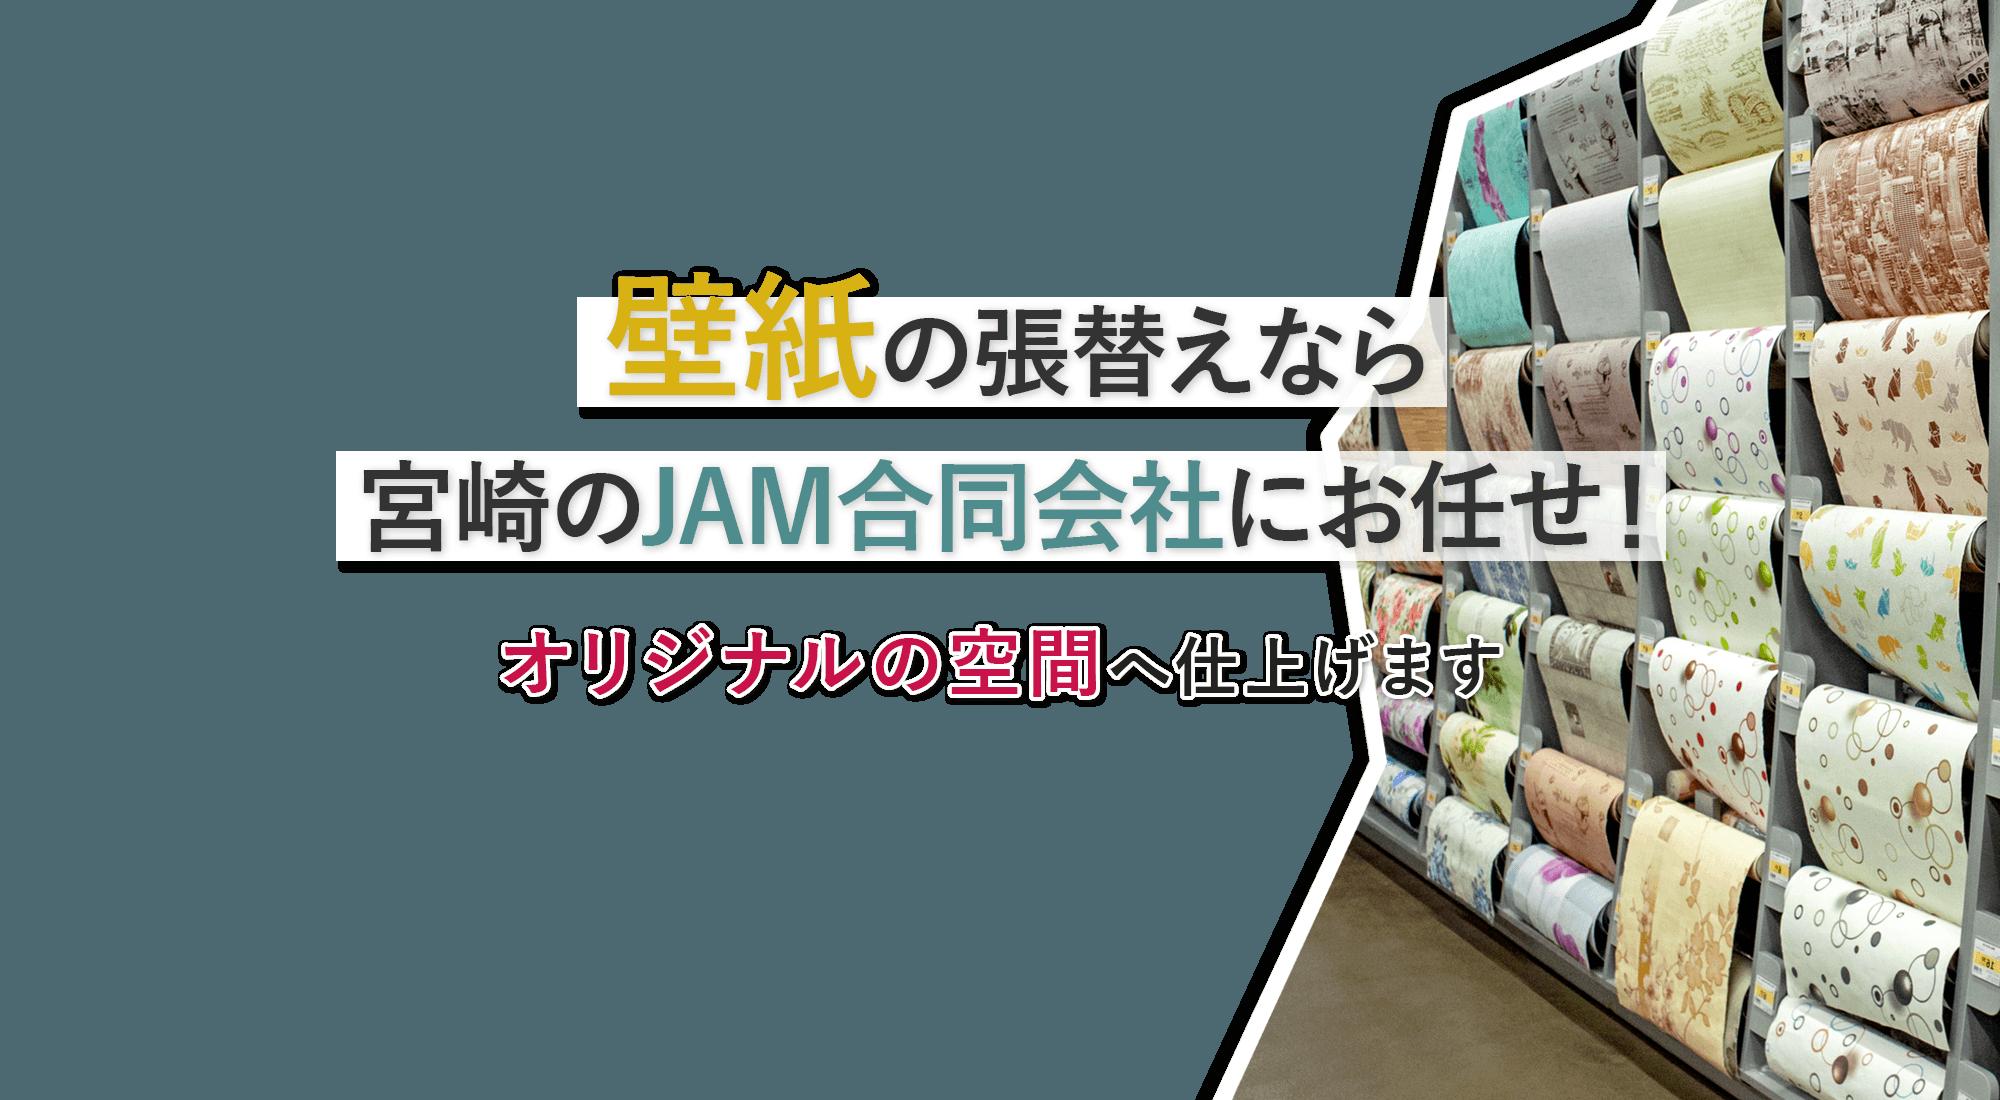 壁紙の張替えなら宮崎のJAM合同会社にお任せ!オリジナルの空間へ仕上げます